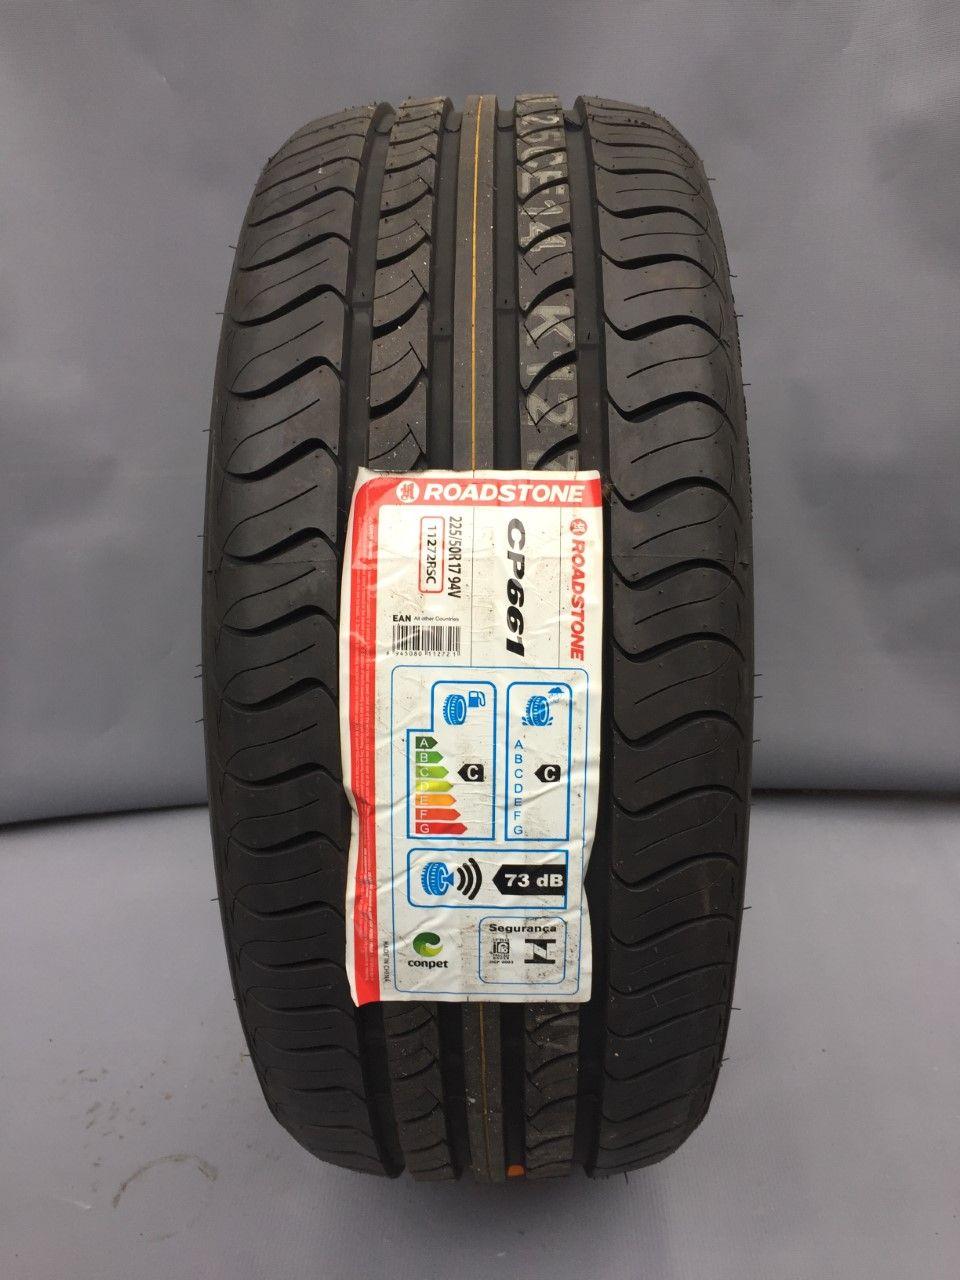 Pneu 225/50R17 Roadstone CP661 94V (Pneu Sonata, PNEU Cruze, Fusion, Accord, C30, Audi A4, BMW X1, Volvo V40)